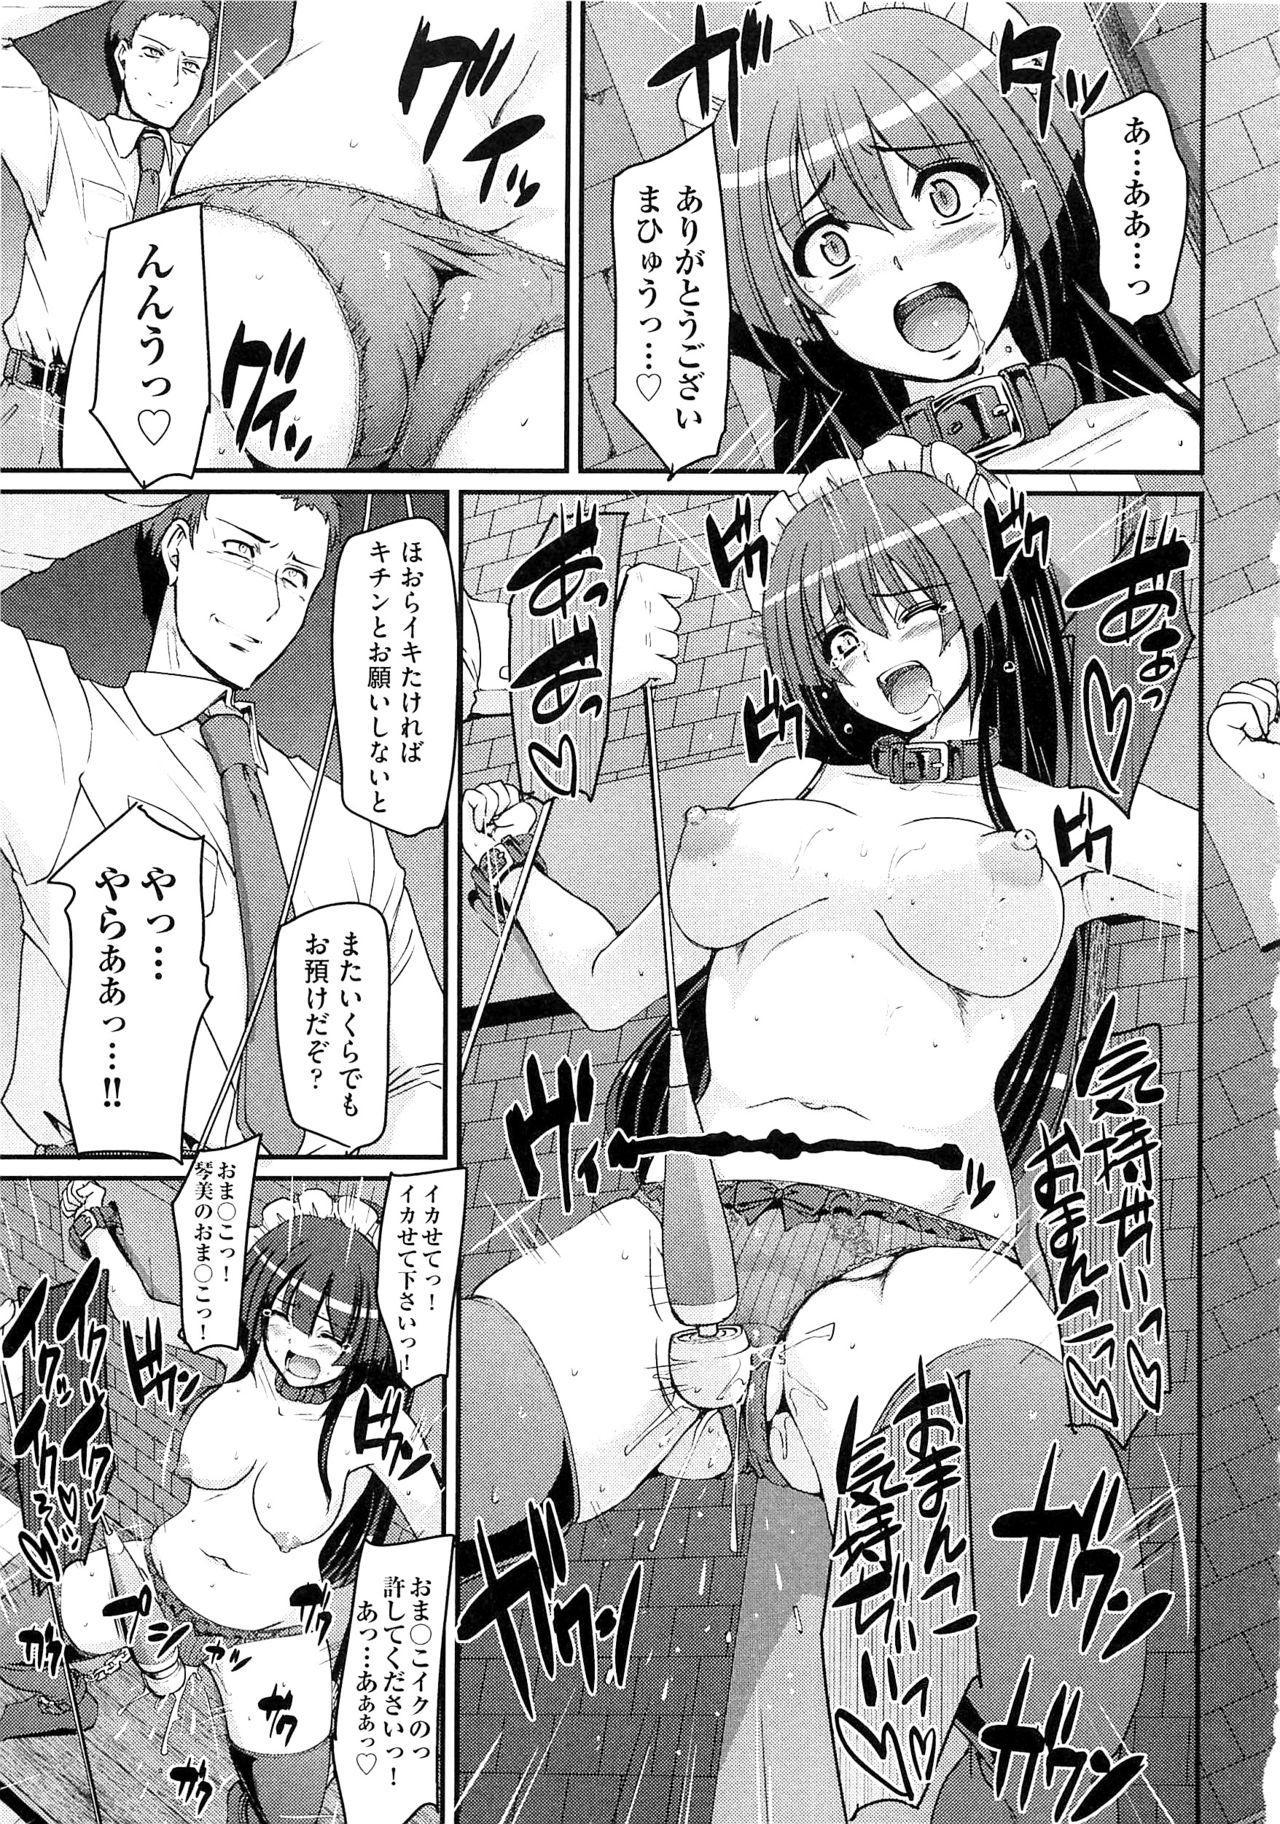 Maid Gakuen e Youkoso!! - Welcome to Maid Academy 92